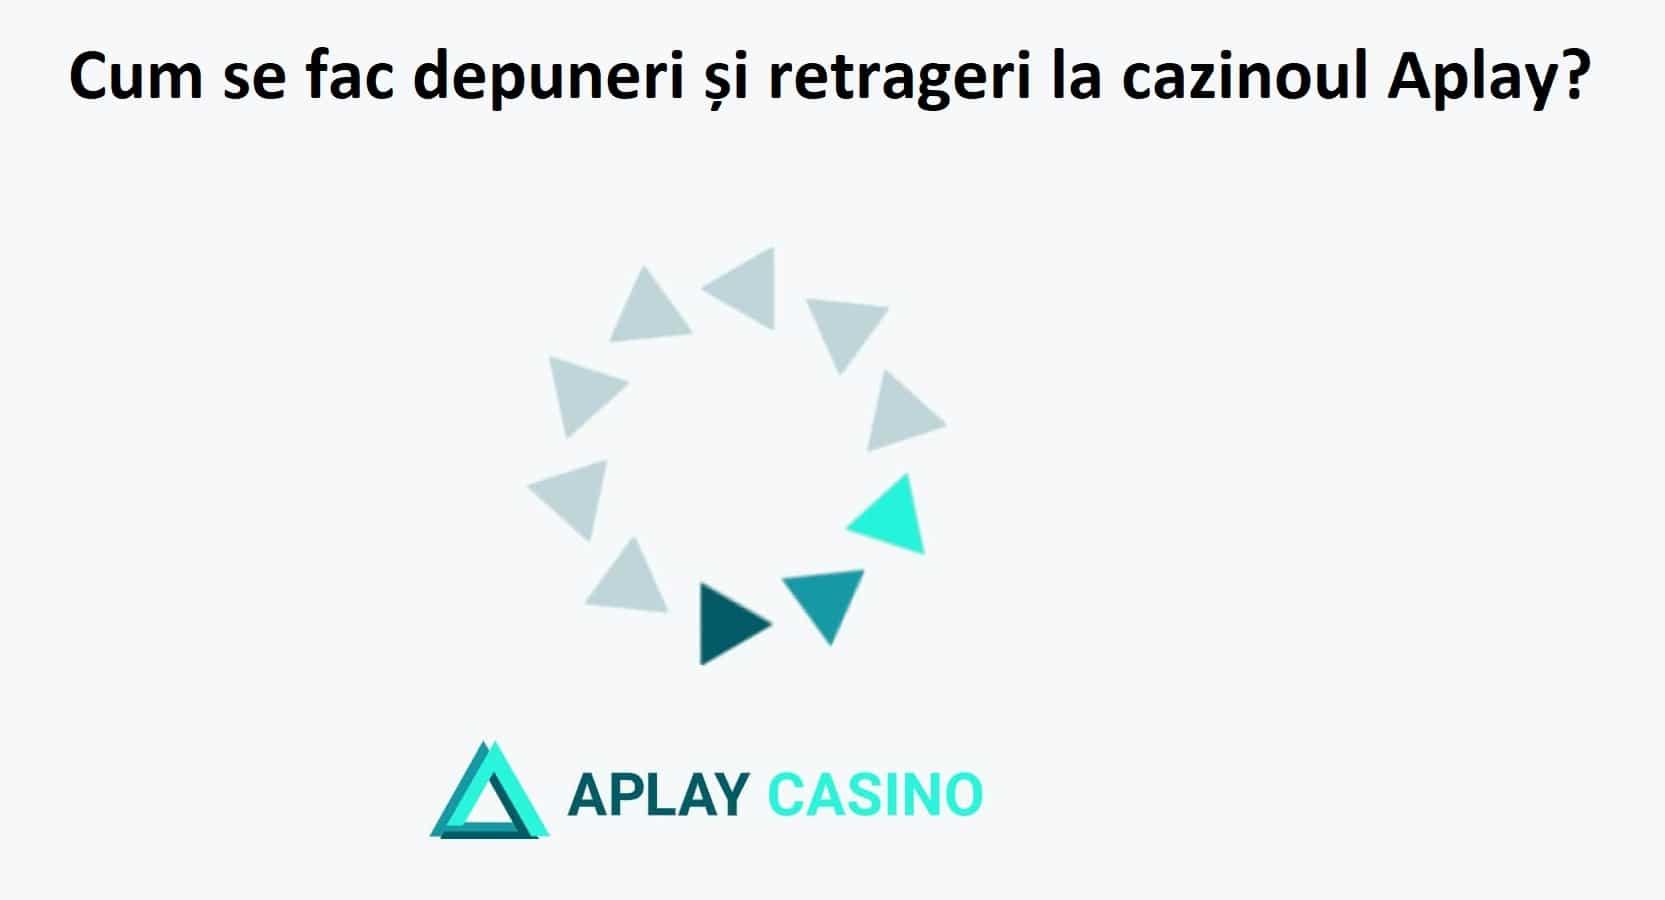 Cum se fac depuneri și retrageri la cazinoul Aplay